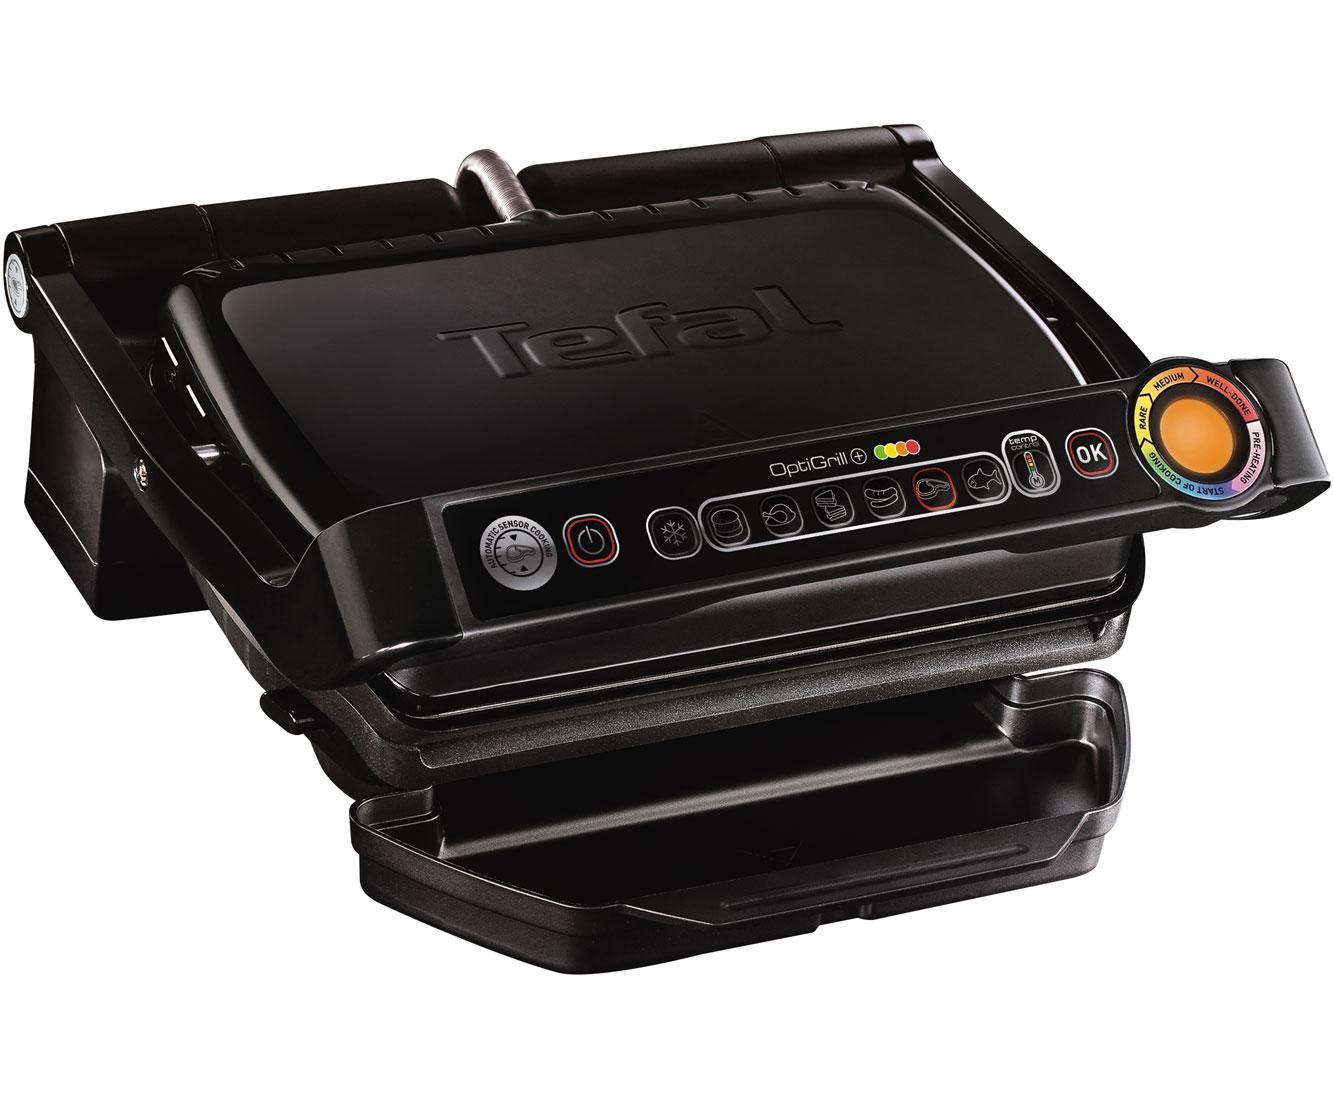 Severin Elektrogrill Pg 1529 : Elektro grill preisvergleich u2022 die besten angebote online kaufen